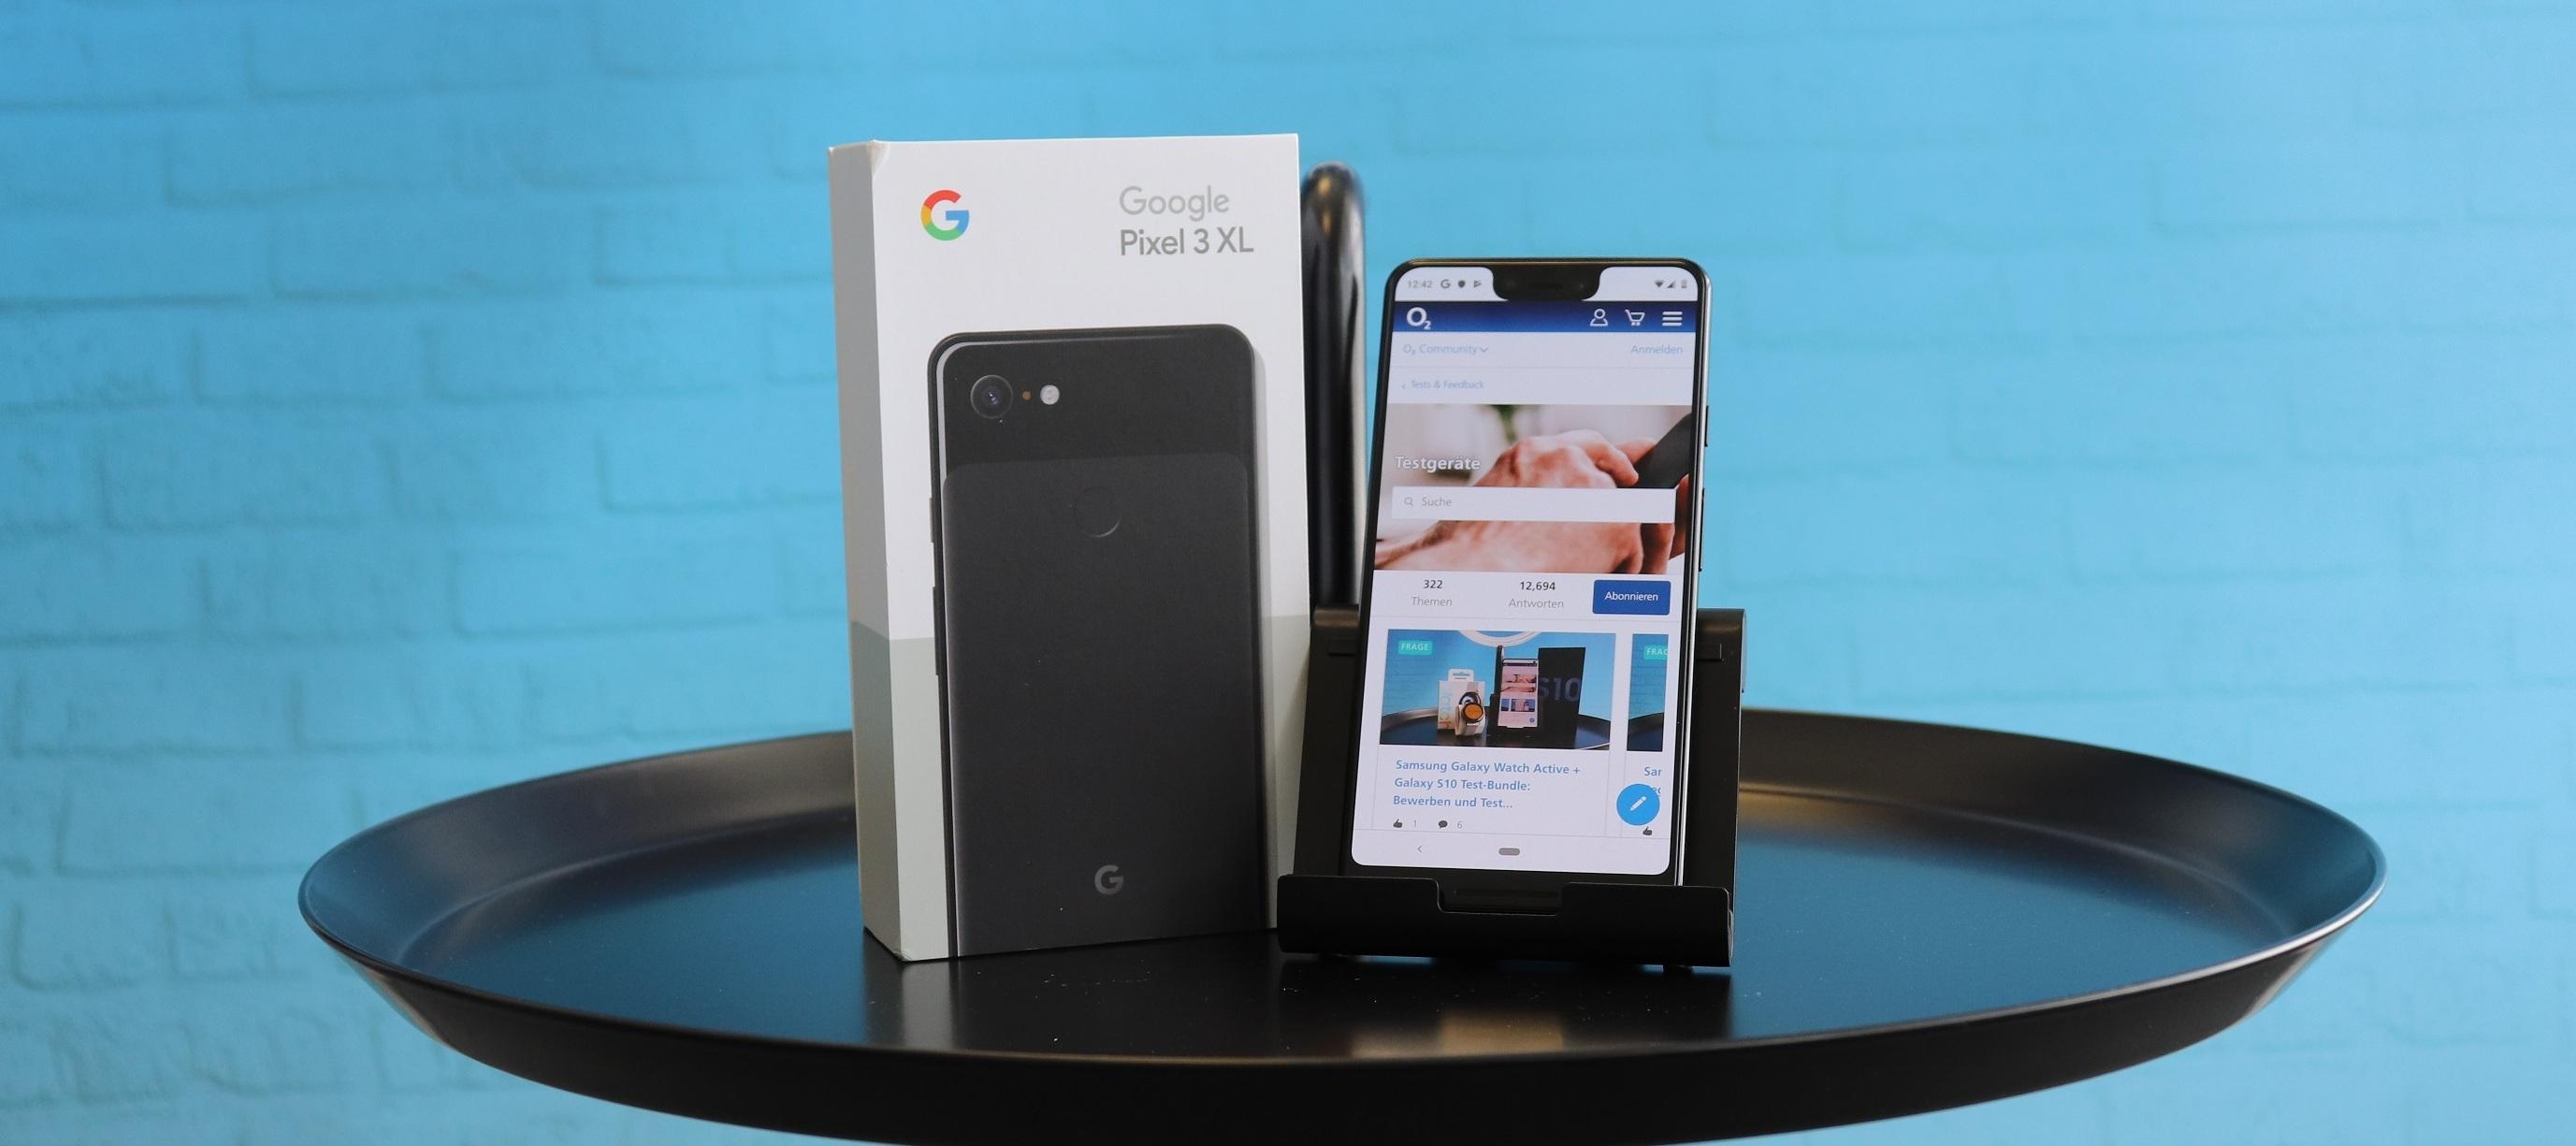 Google Pixel 3 XL Testgerät: Wir suchen dich als Handy-Tester/in! Bewirb dich jetzt!